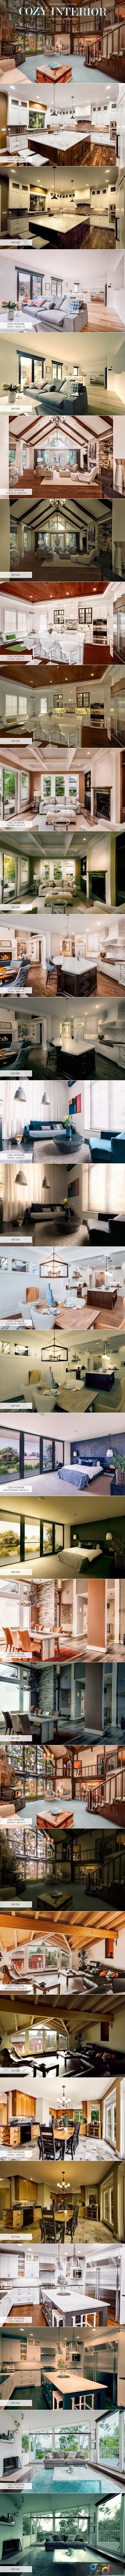 Cozy Interior Presets for Lightroom 4294775 1